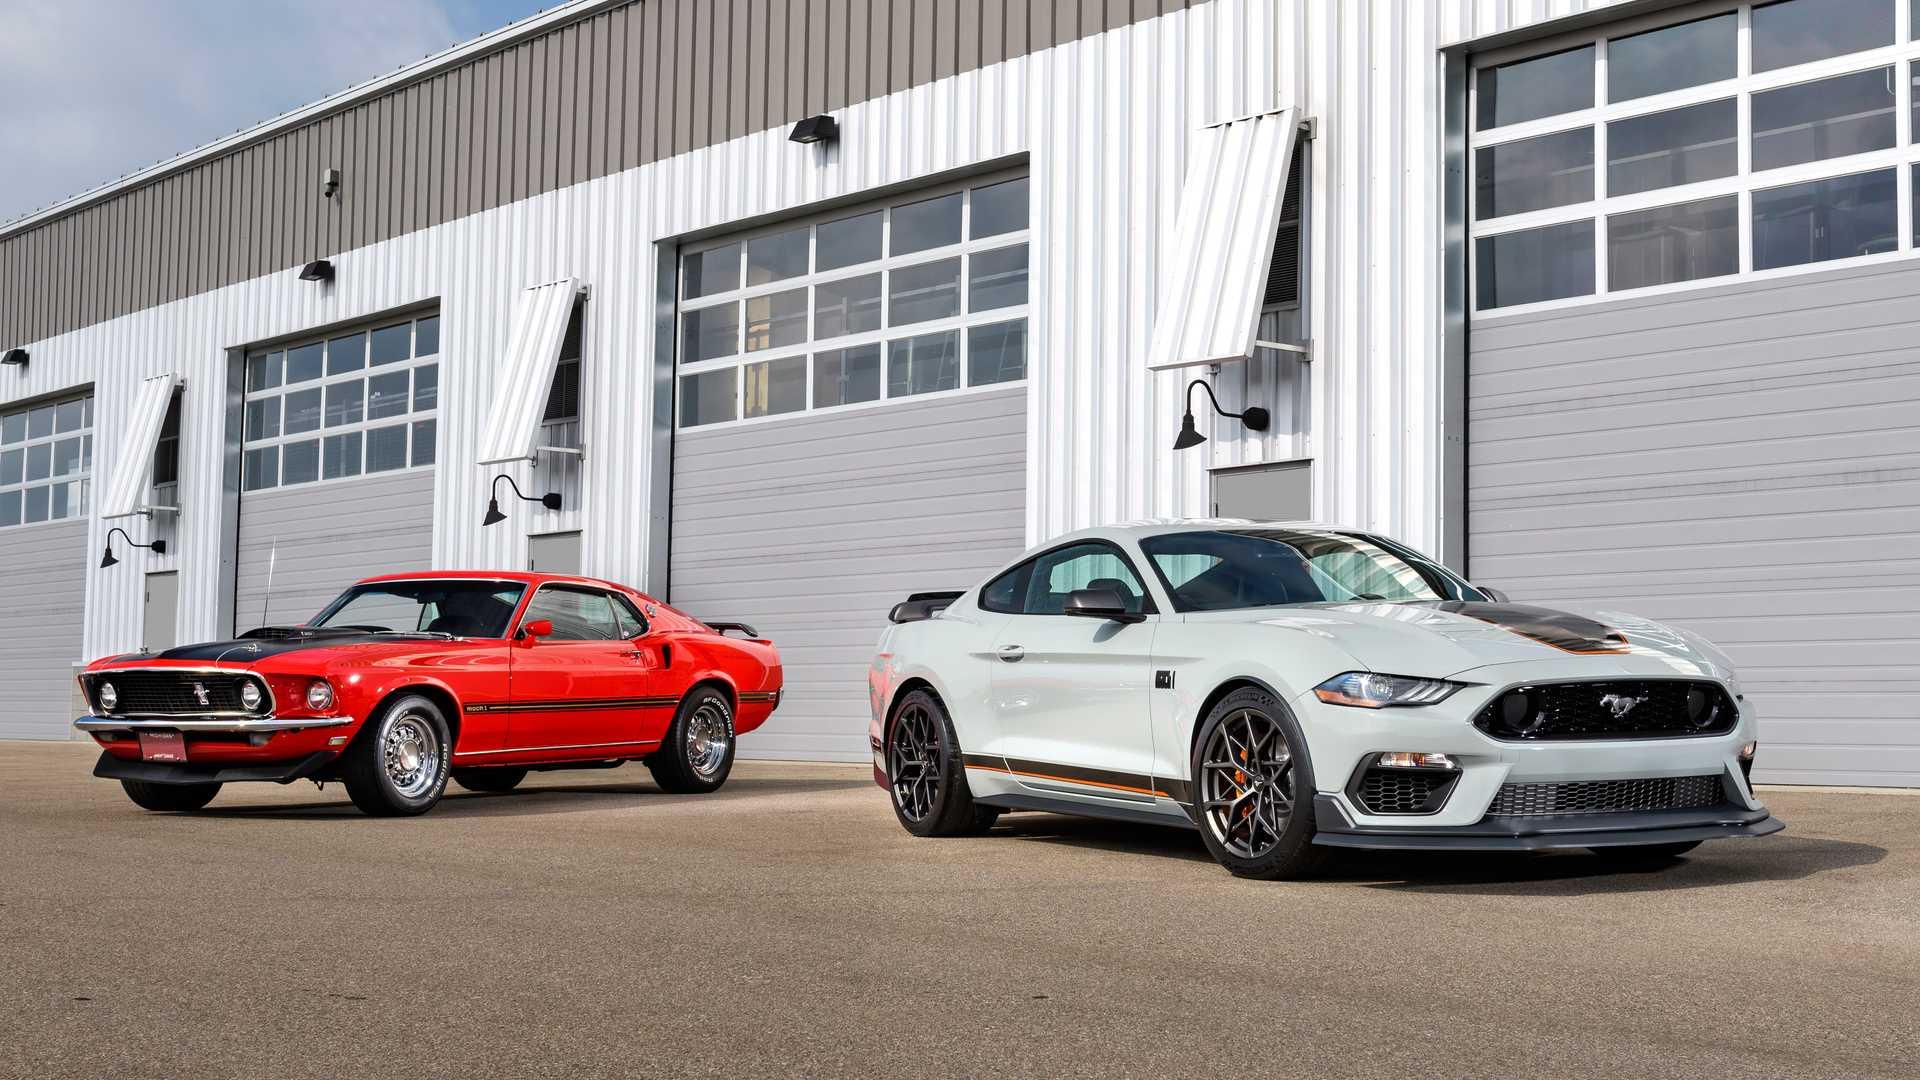 Ford Mustang é um dos carros mais clássicos do mercado norte-americano